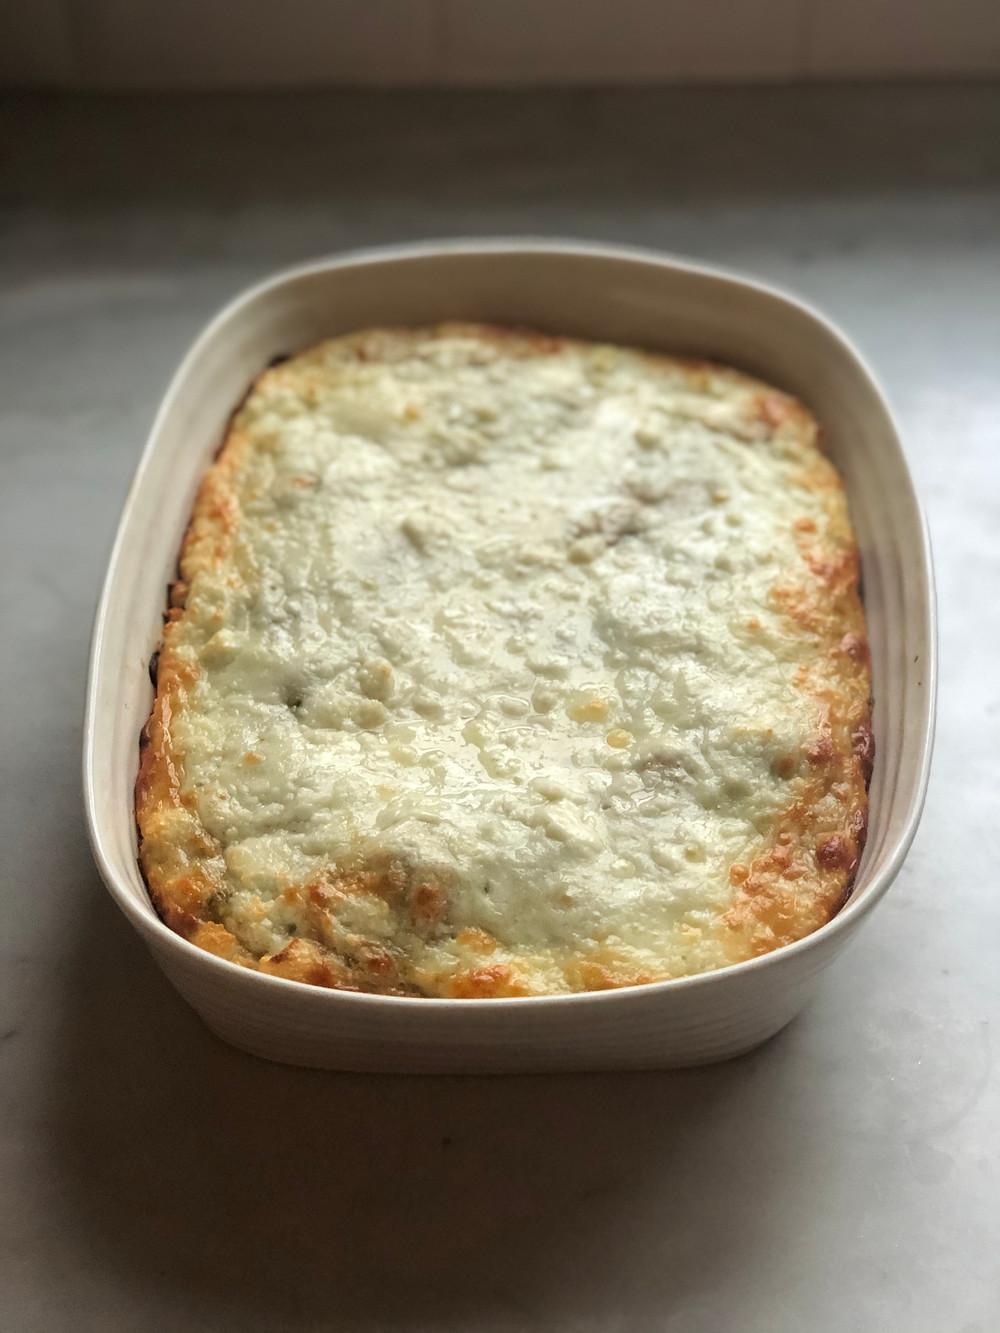 Baked Spaghetti Marinara